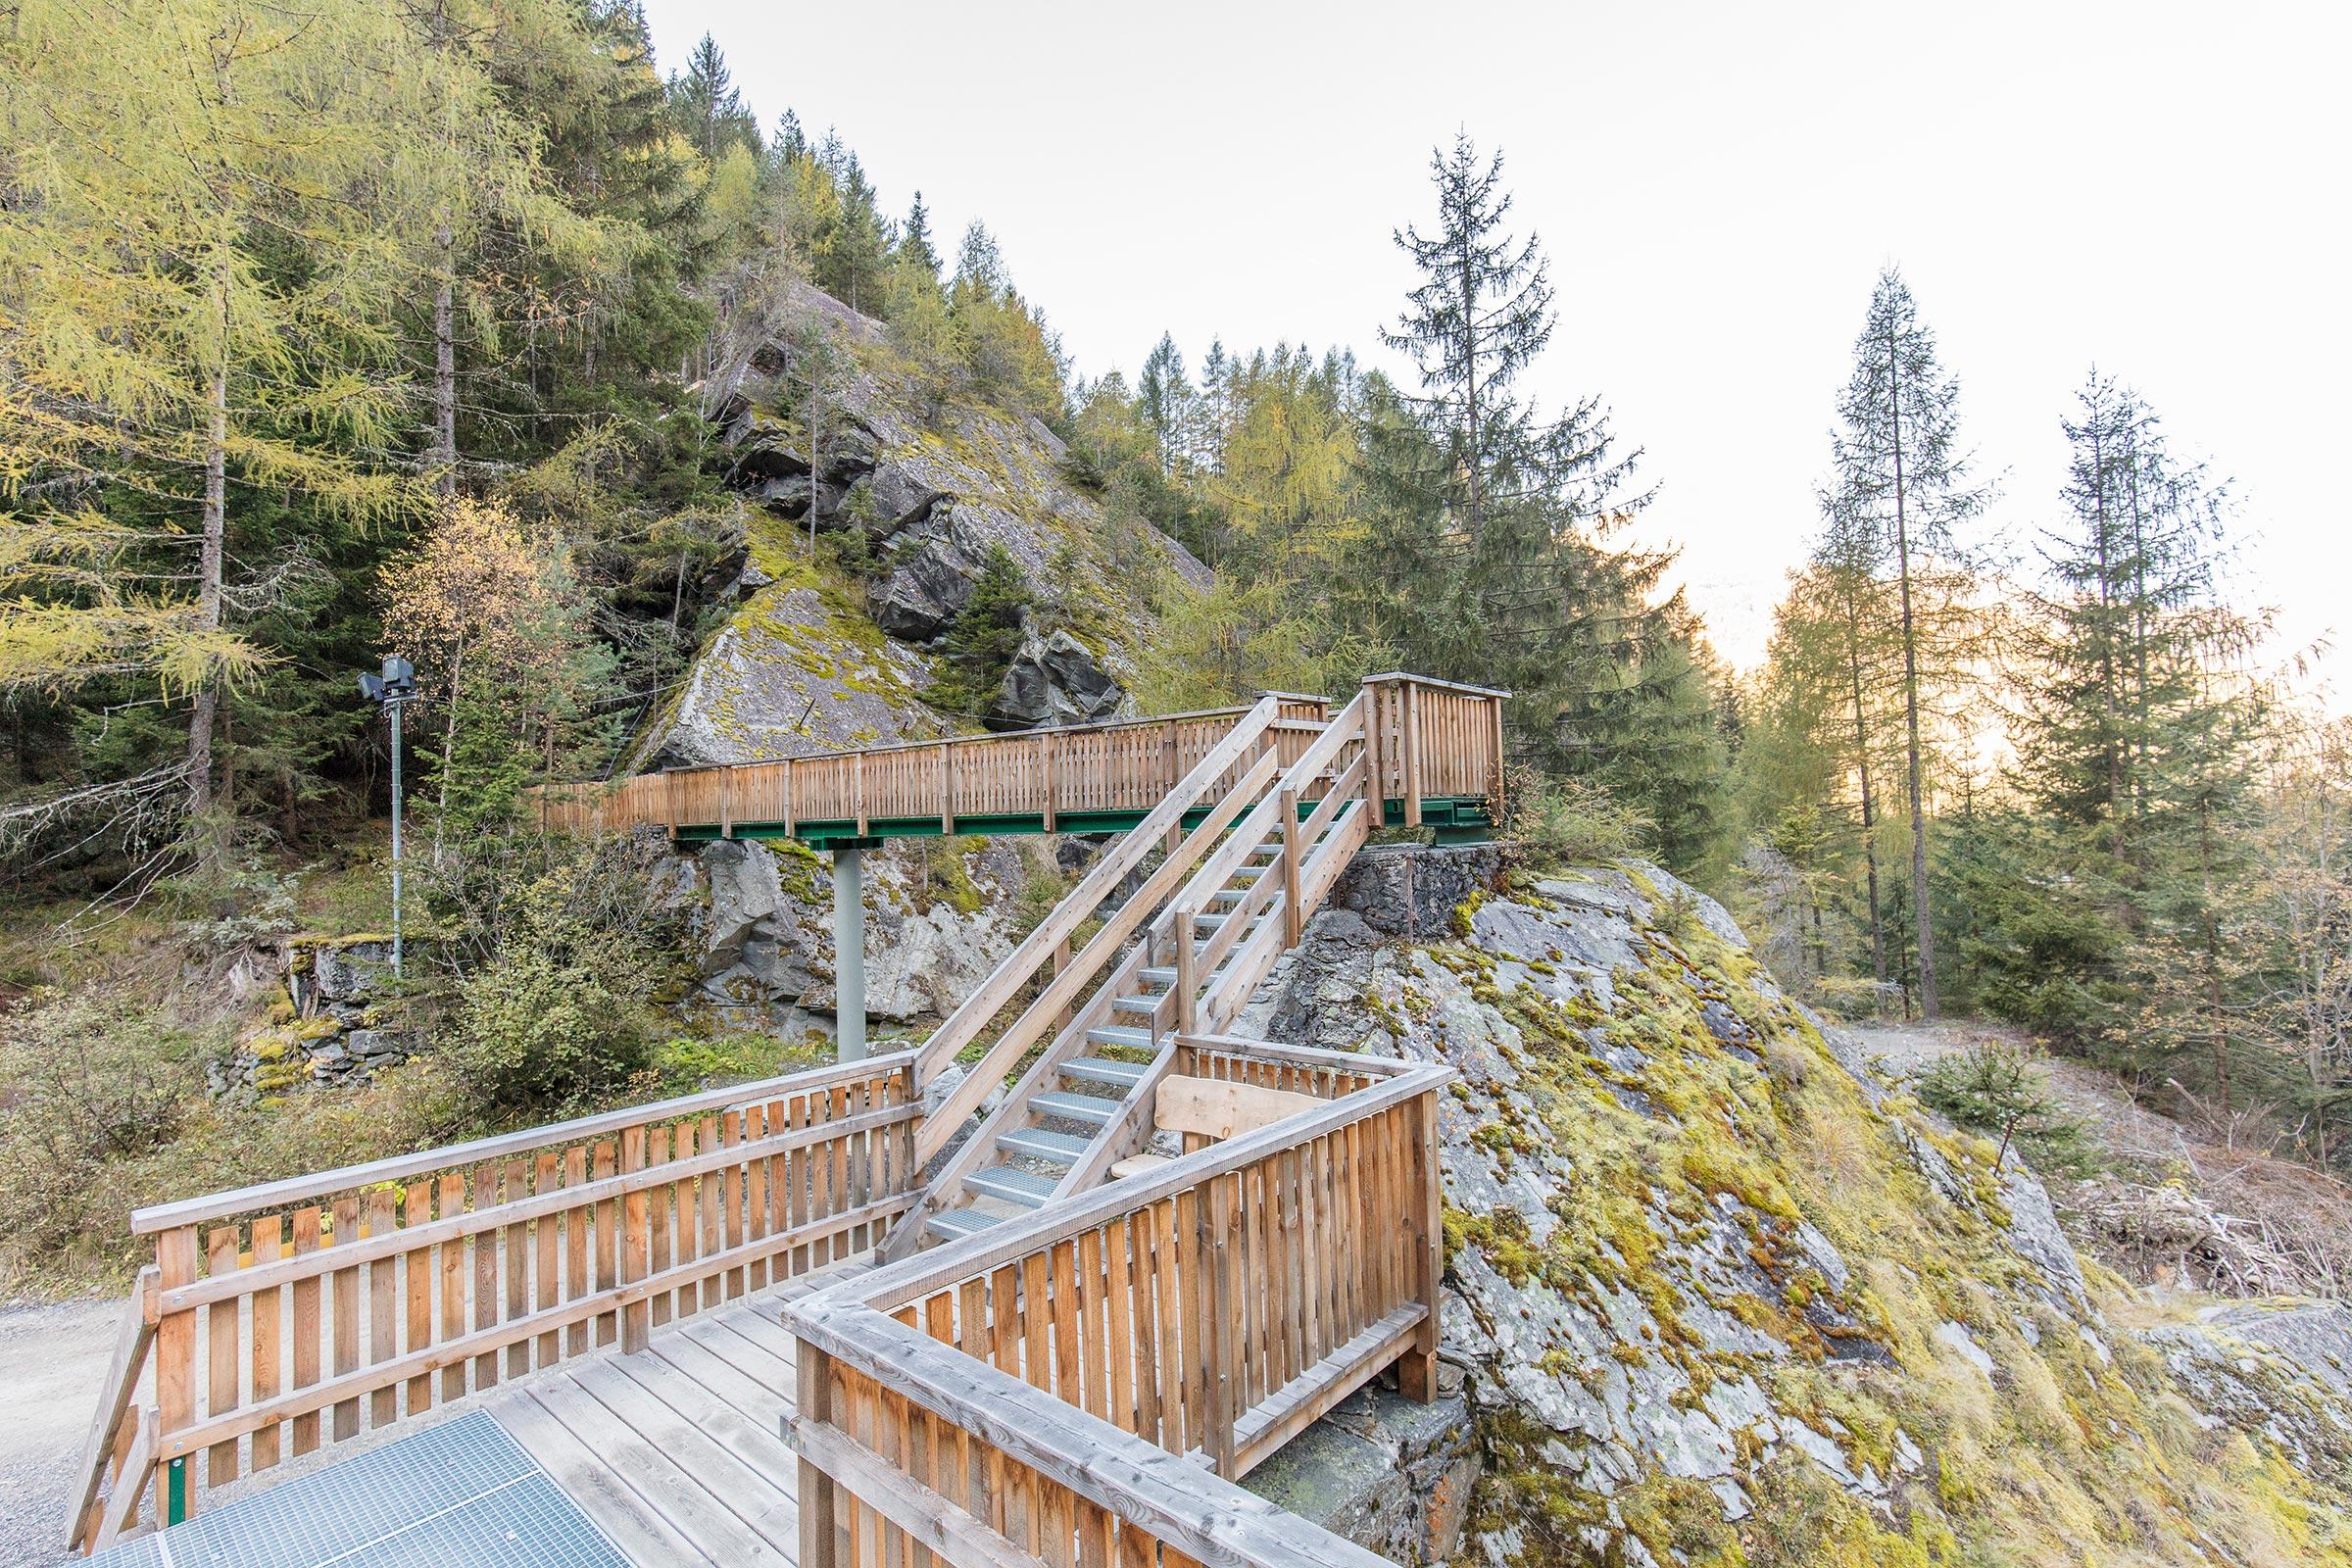 Blick auf Fischbachbrücke - Ötztaler Urweg